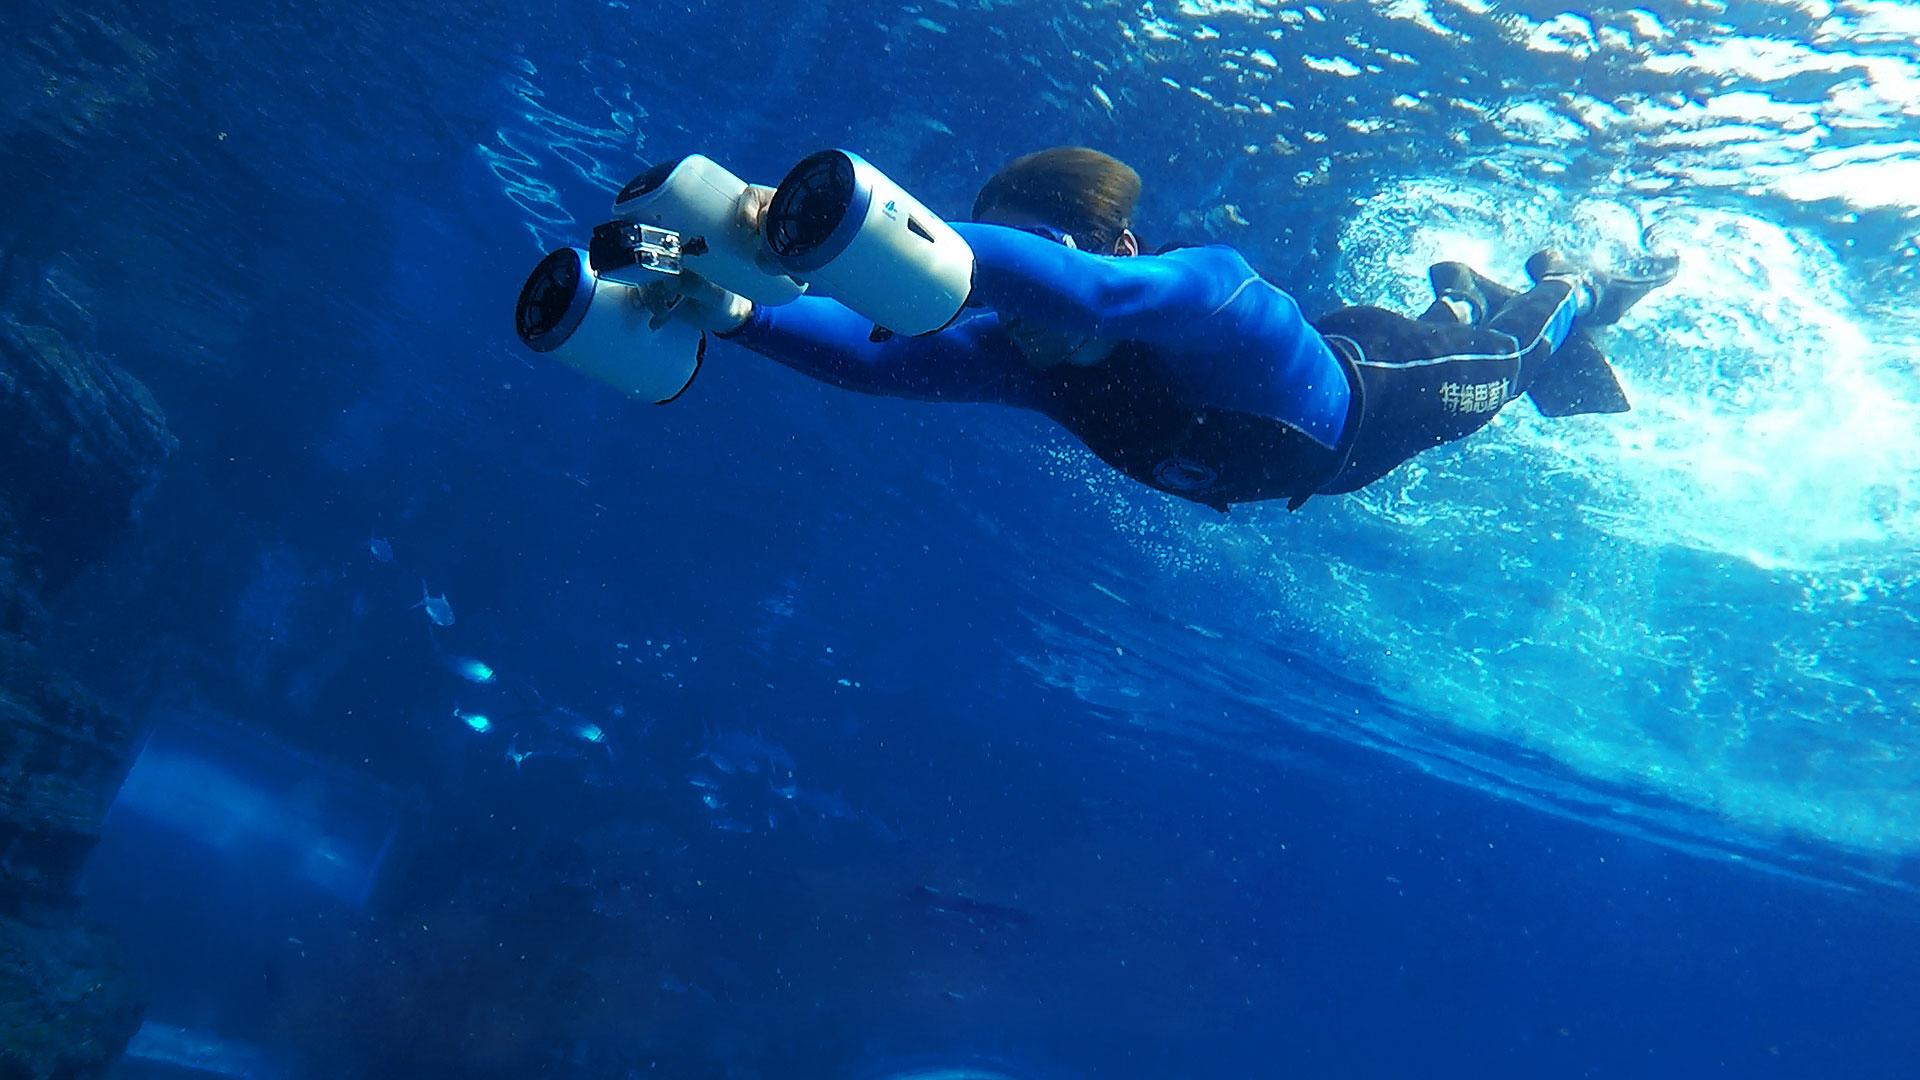 Подводные скутеры видео — pic 1